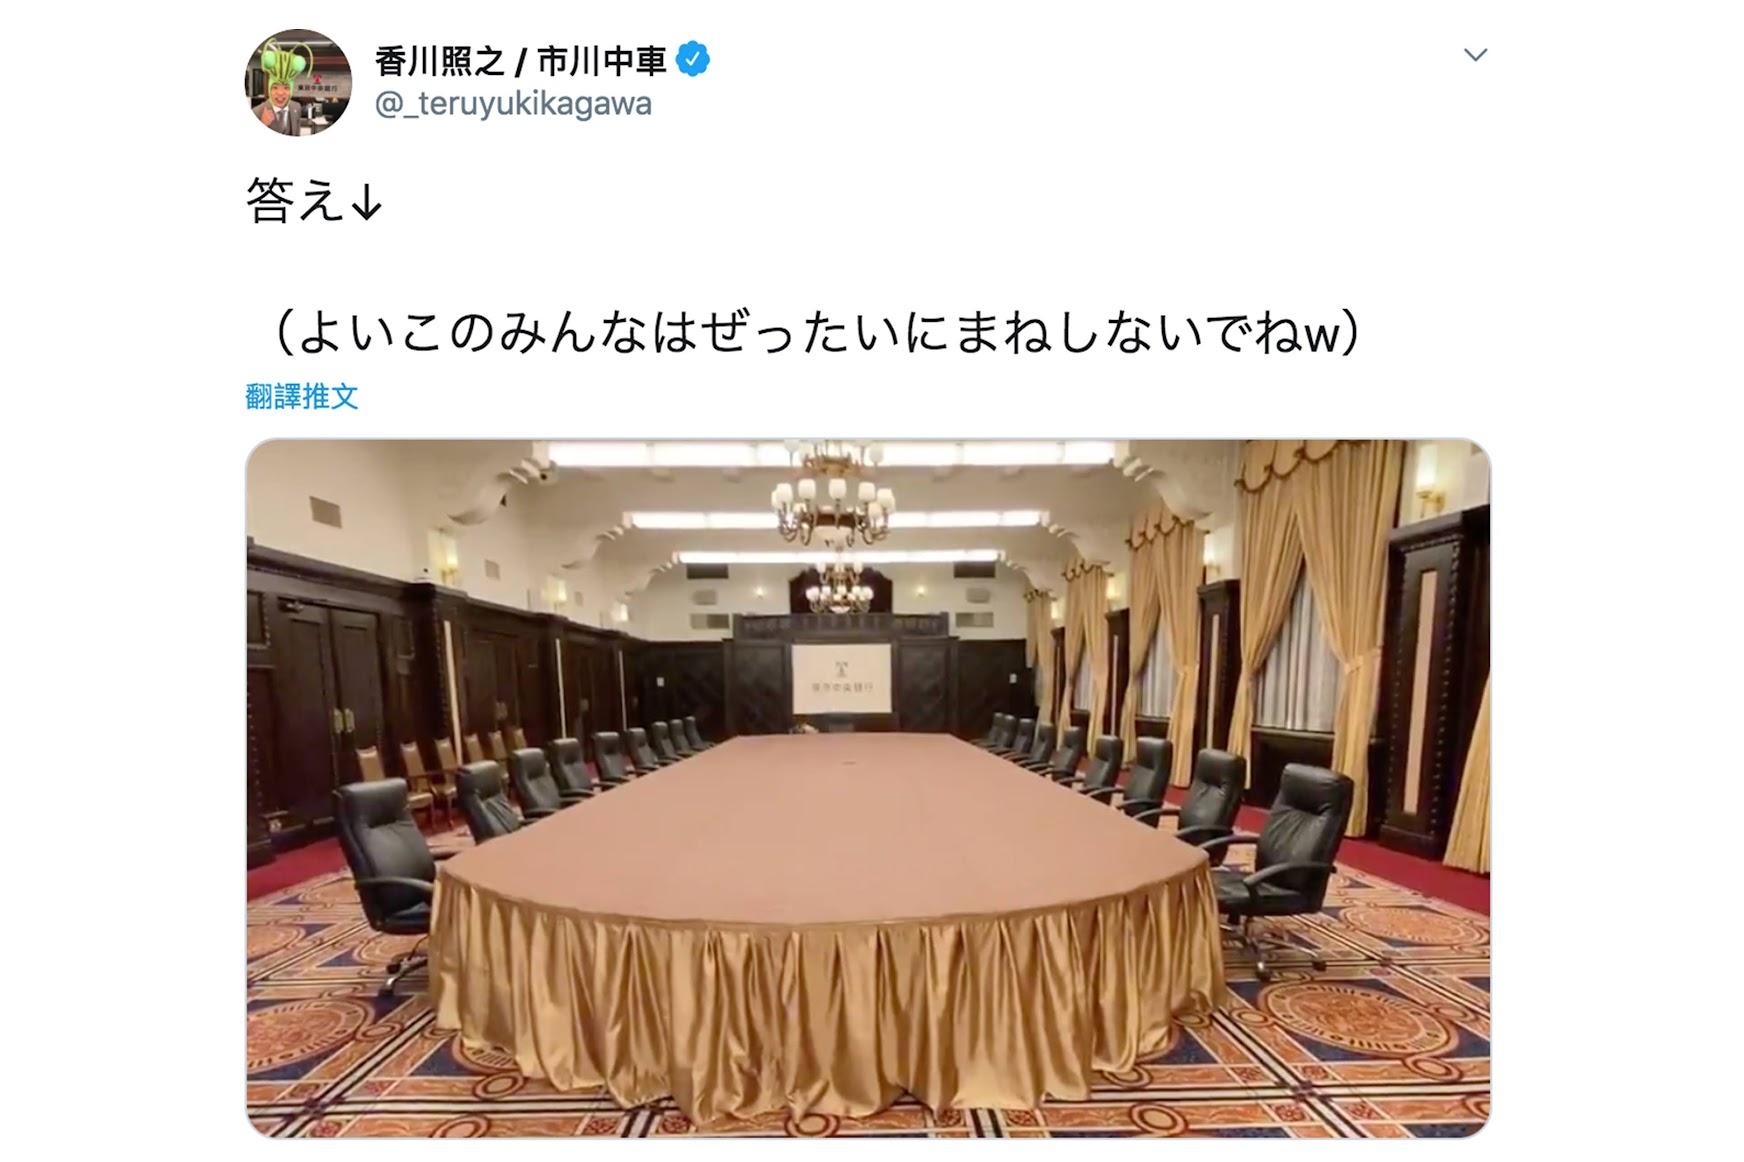 《 半澤直樹2 》大和田 該如何拿回他的手機? 香川照之 發推回答了!